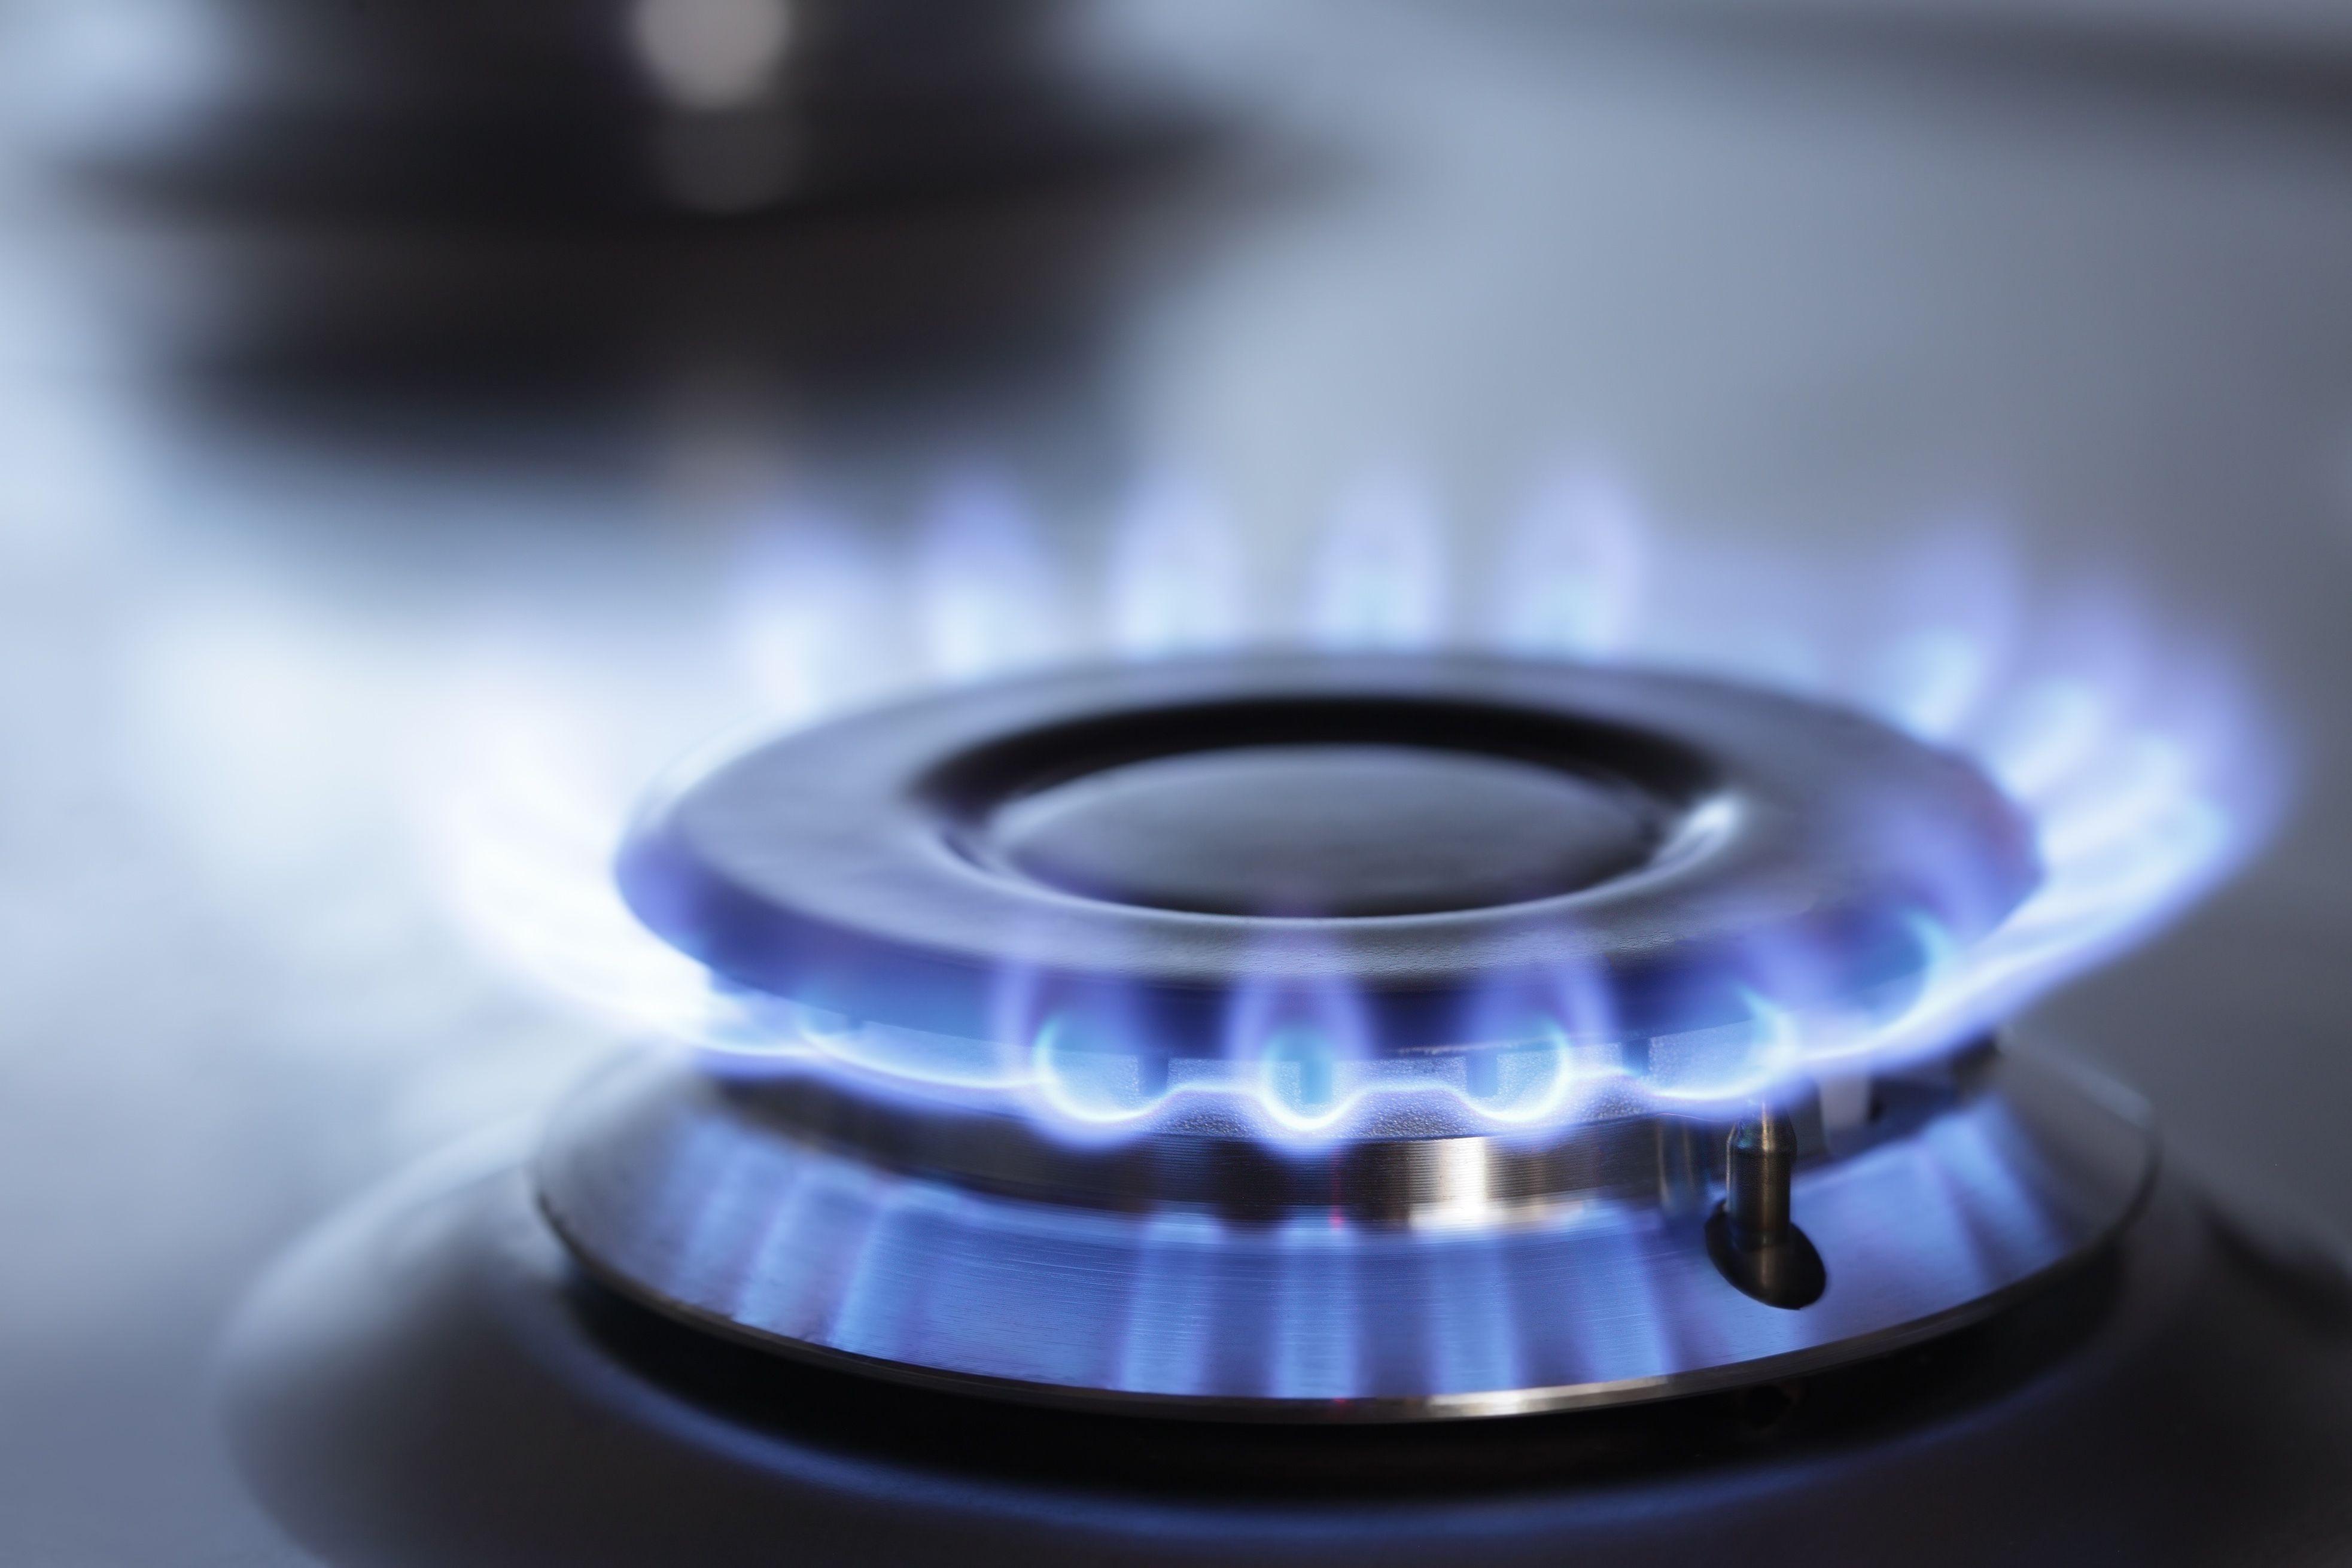 Se viene otro tarifazo: en las próximas semanas se conocerán los aumentos de gas